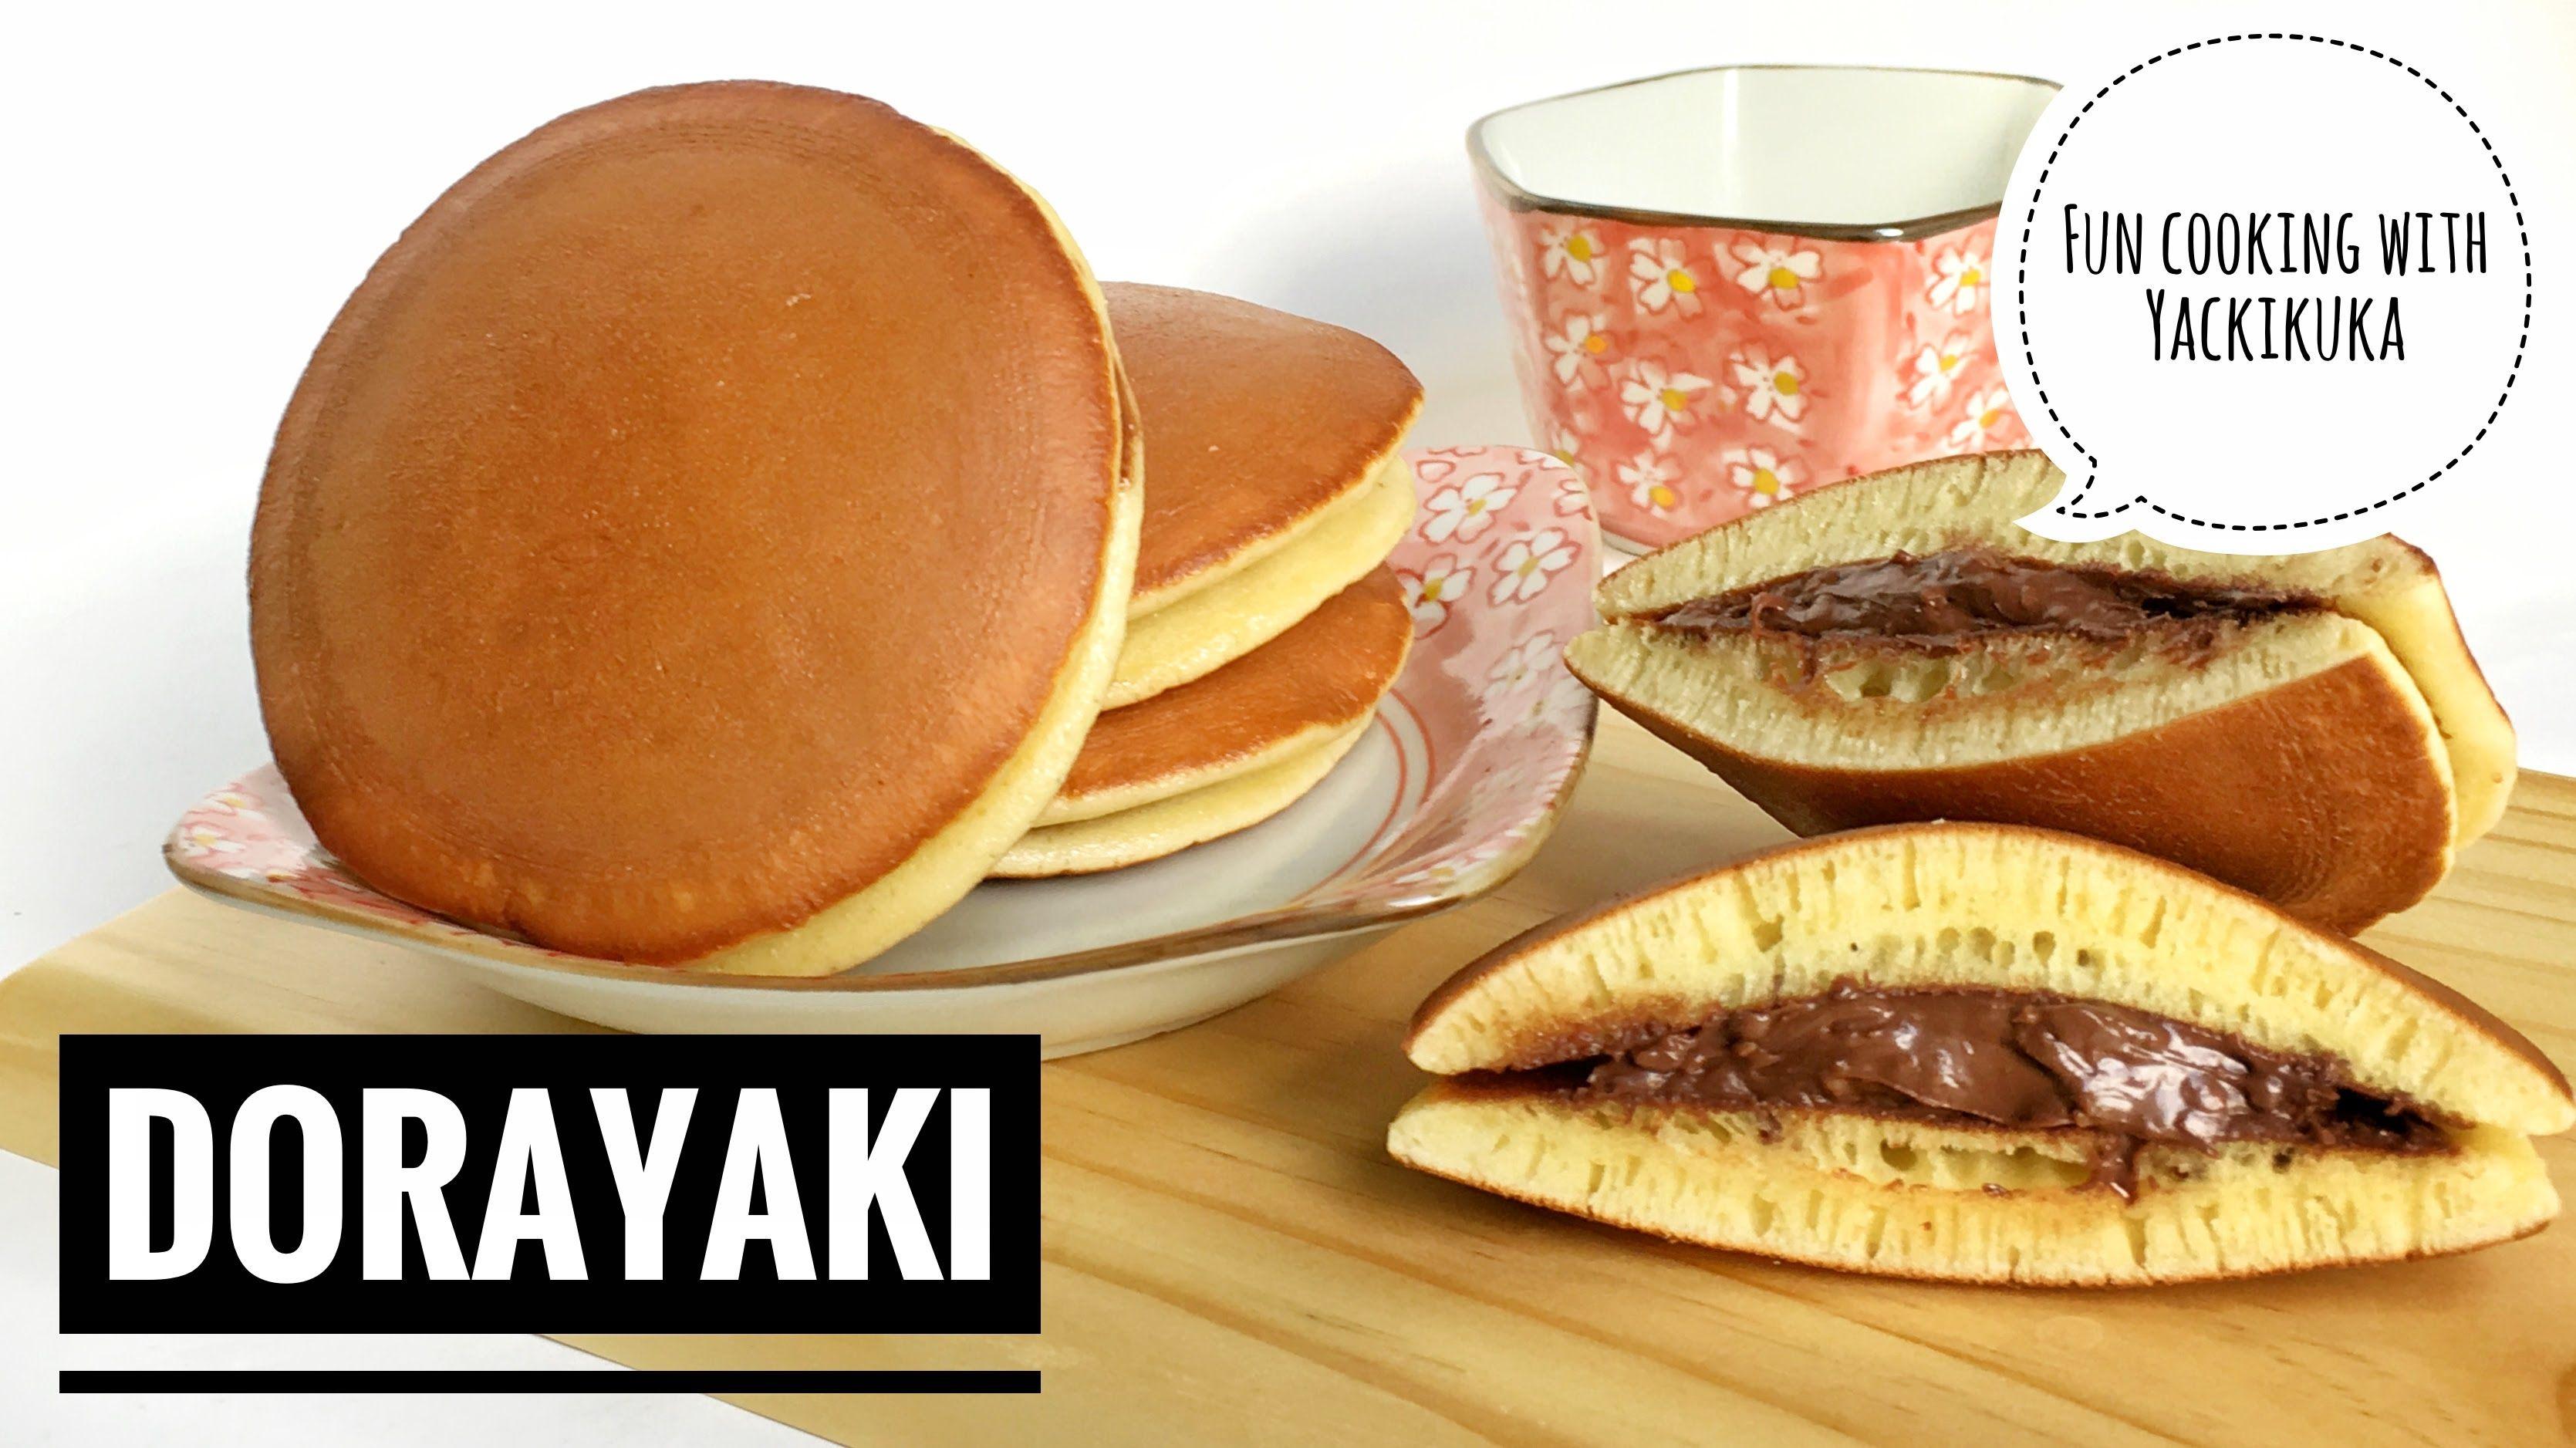 Resep Dorayaki Japanese Pancake Dorayaki Japanischer Pfannkuchen Susse Pfannkuchen Lebensmittel Essen